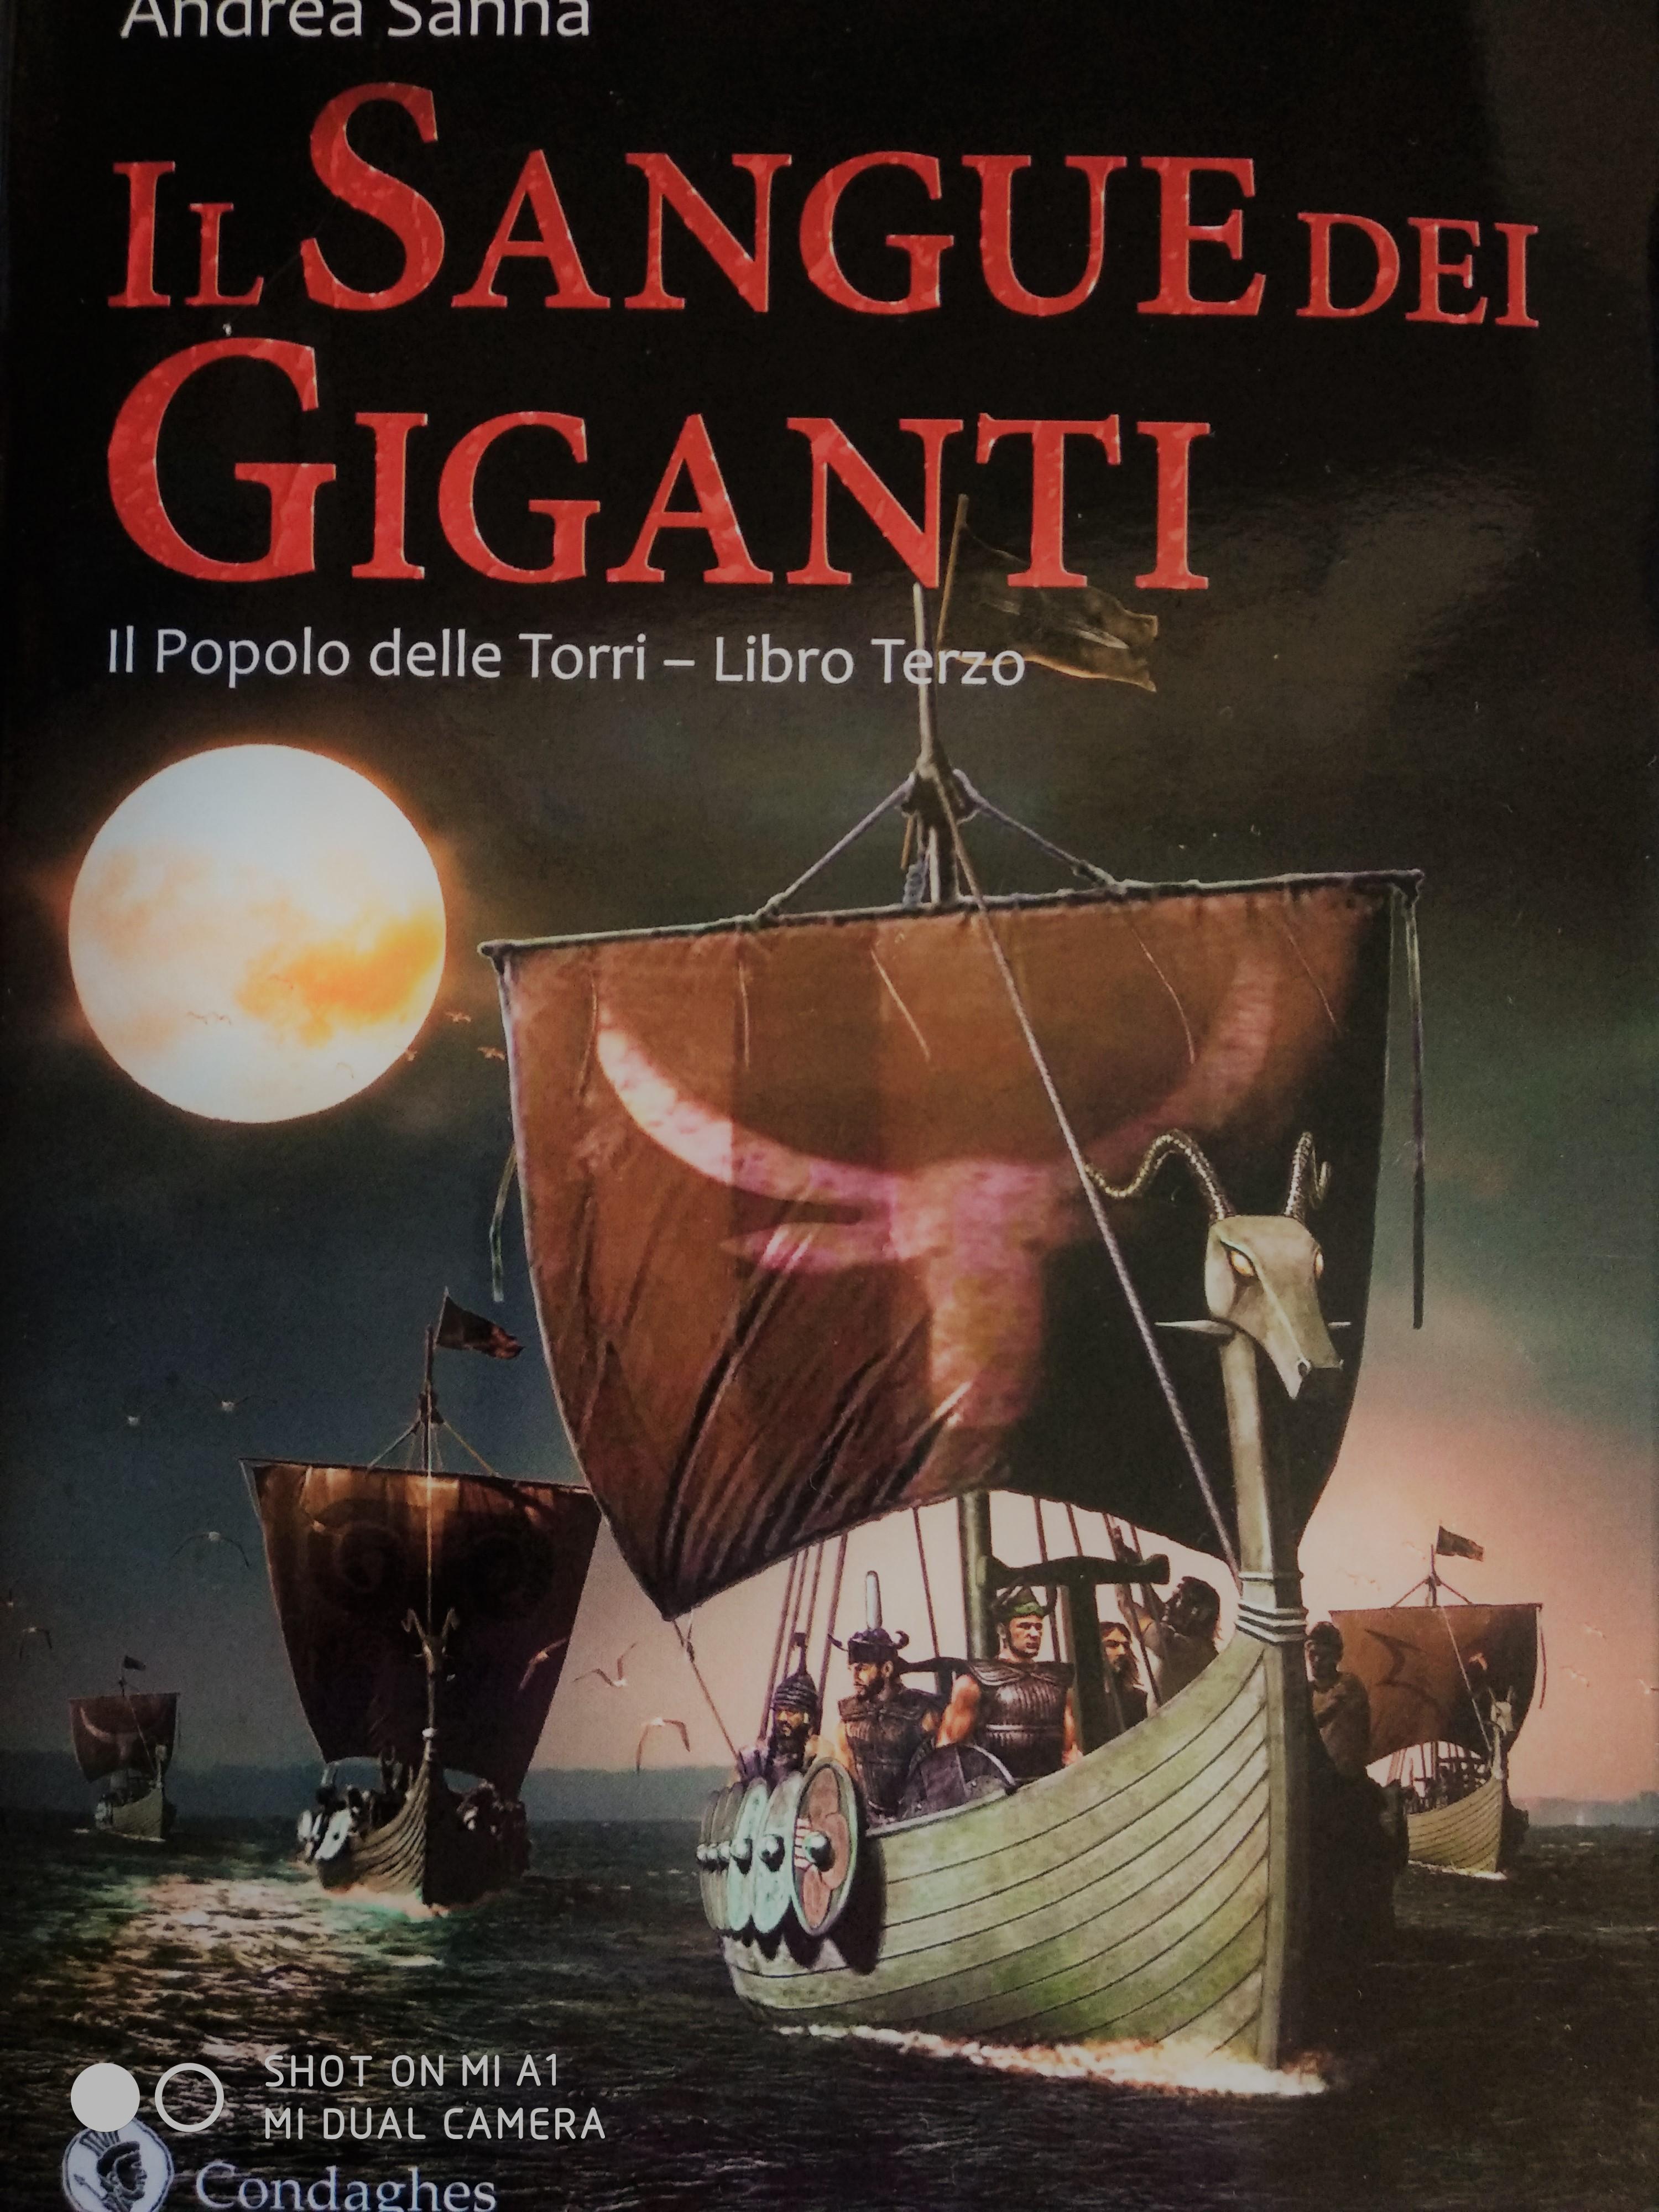 A palazzo Siotto la presentazione della trilogia di Andrea Sanna